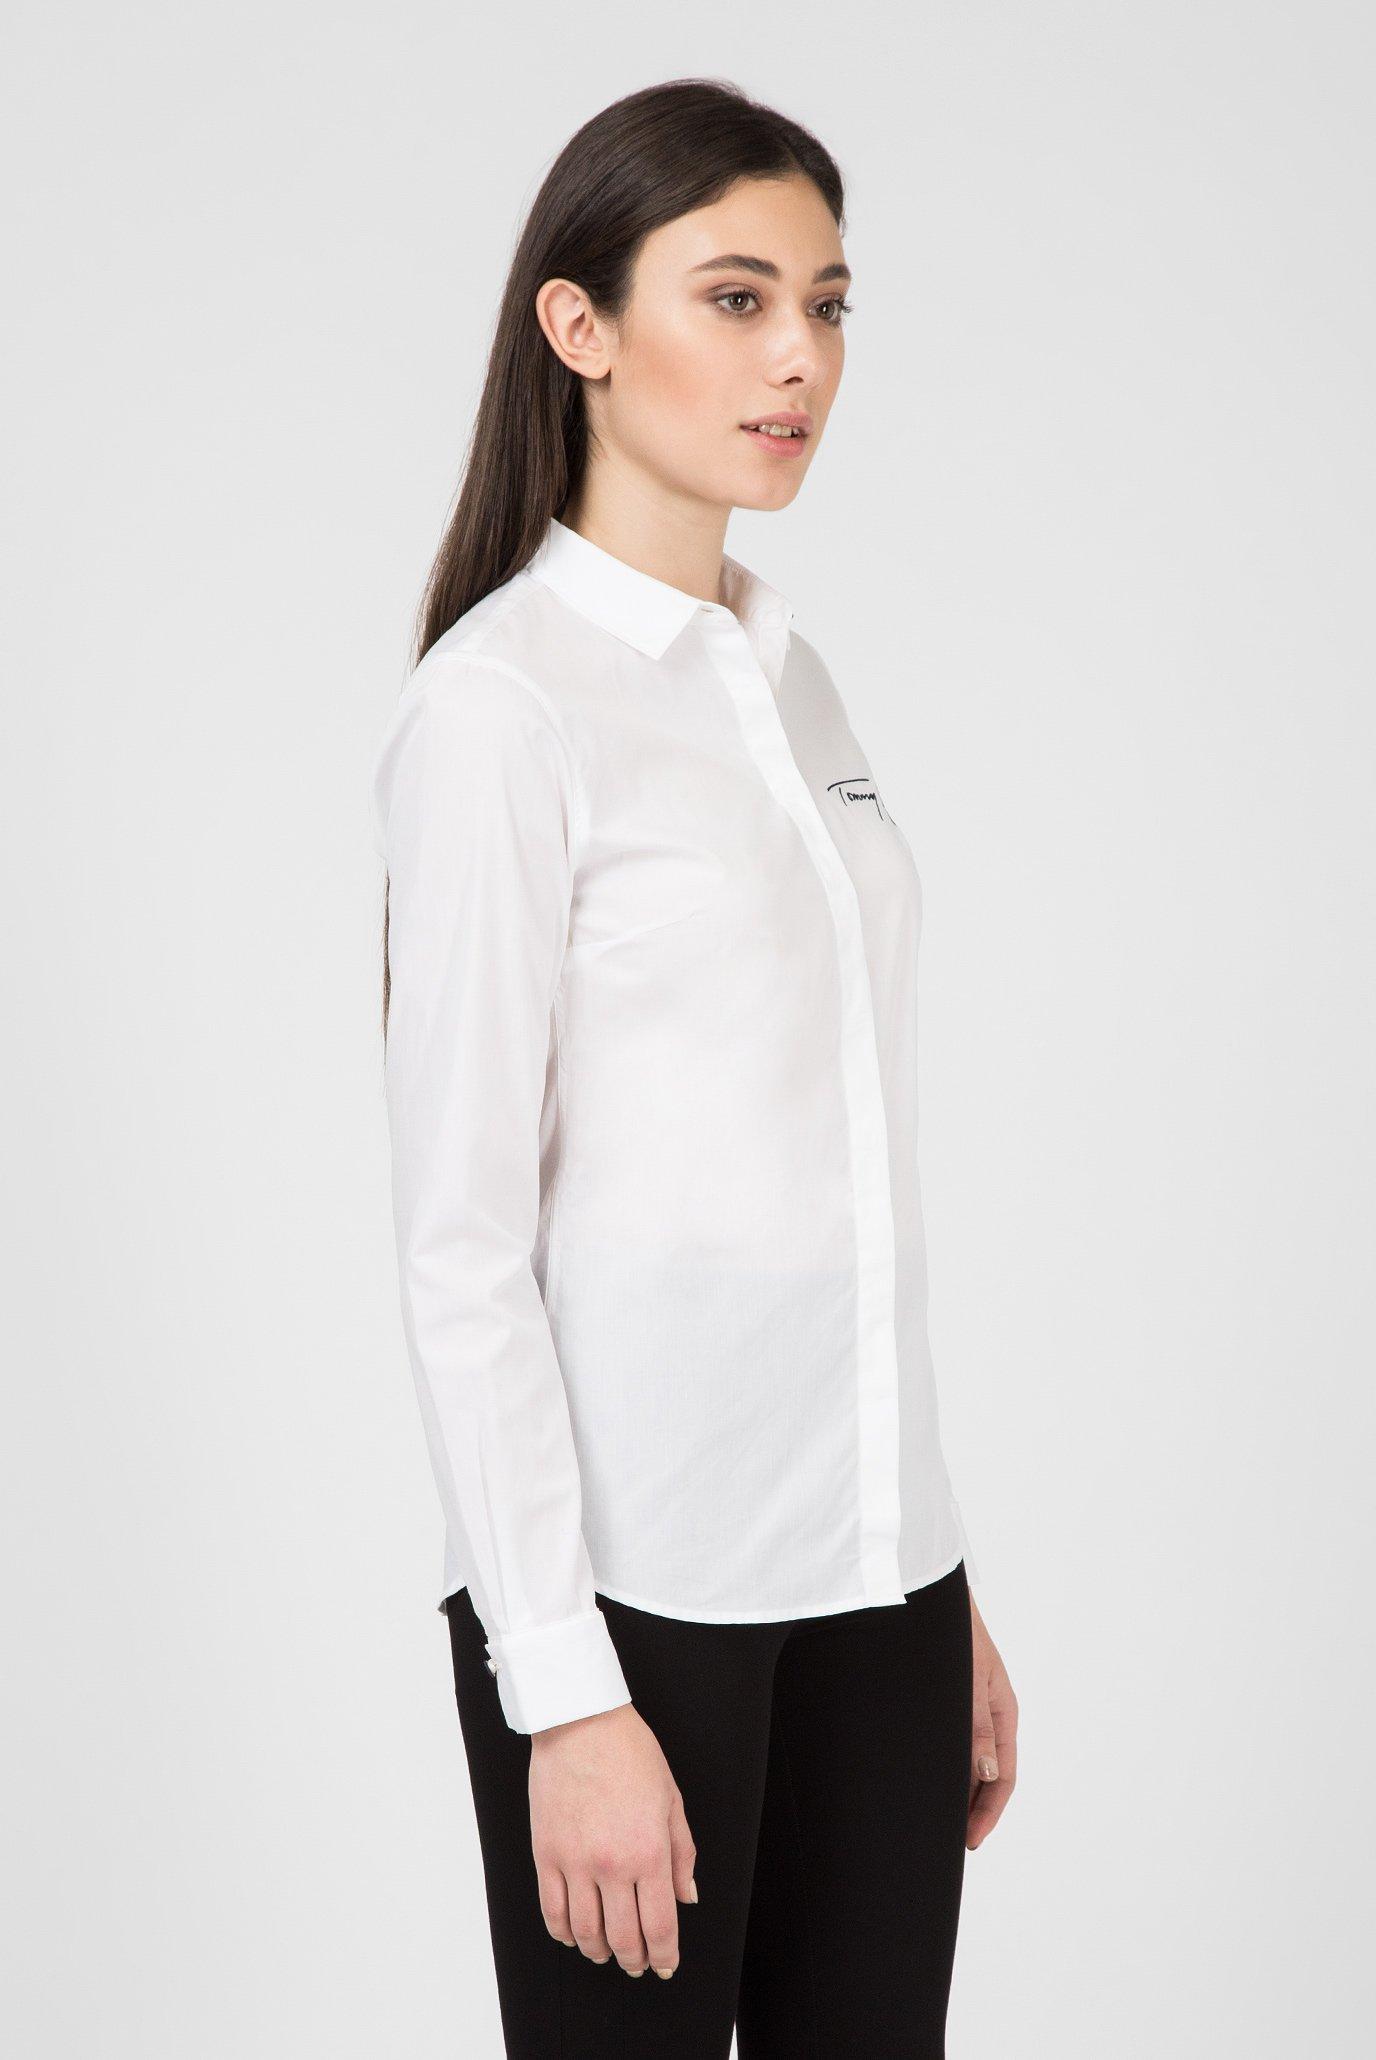 Купить Женская белая рубашка Tommy Hilfiger Tommy Hilfiger WW0WW22159 – Киев, Украина. Цены в интернет магазине MD Fashion